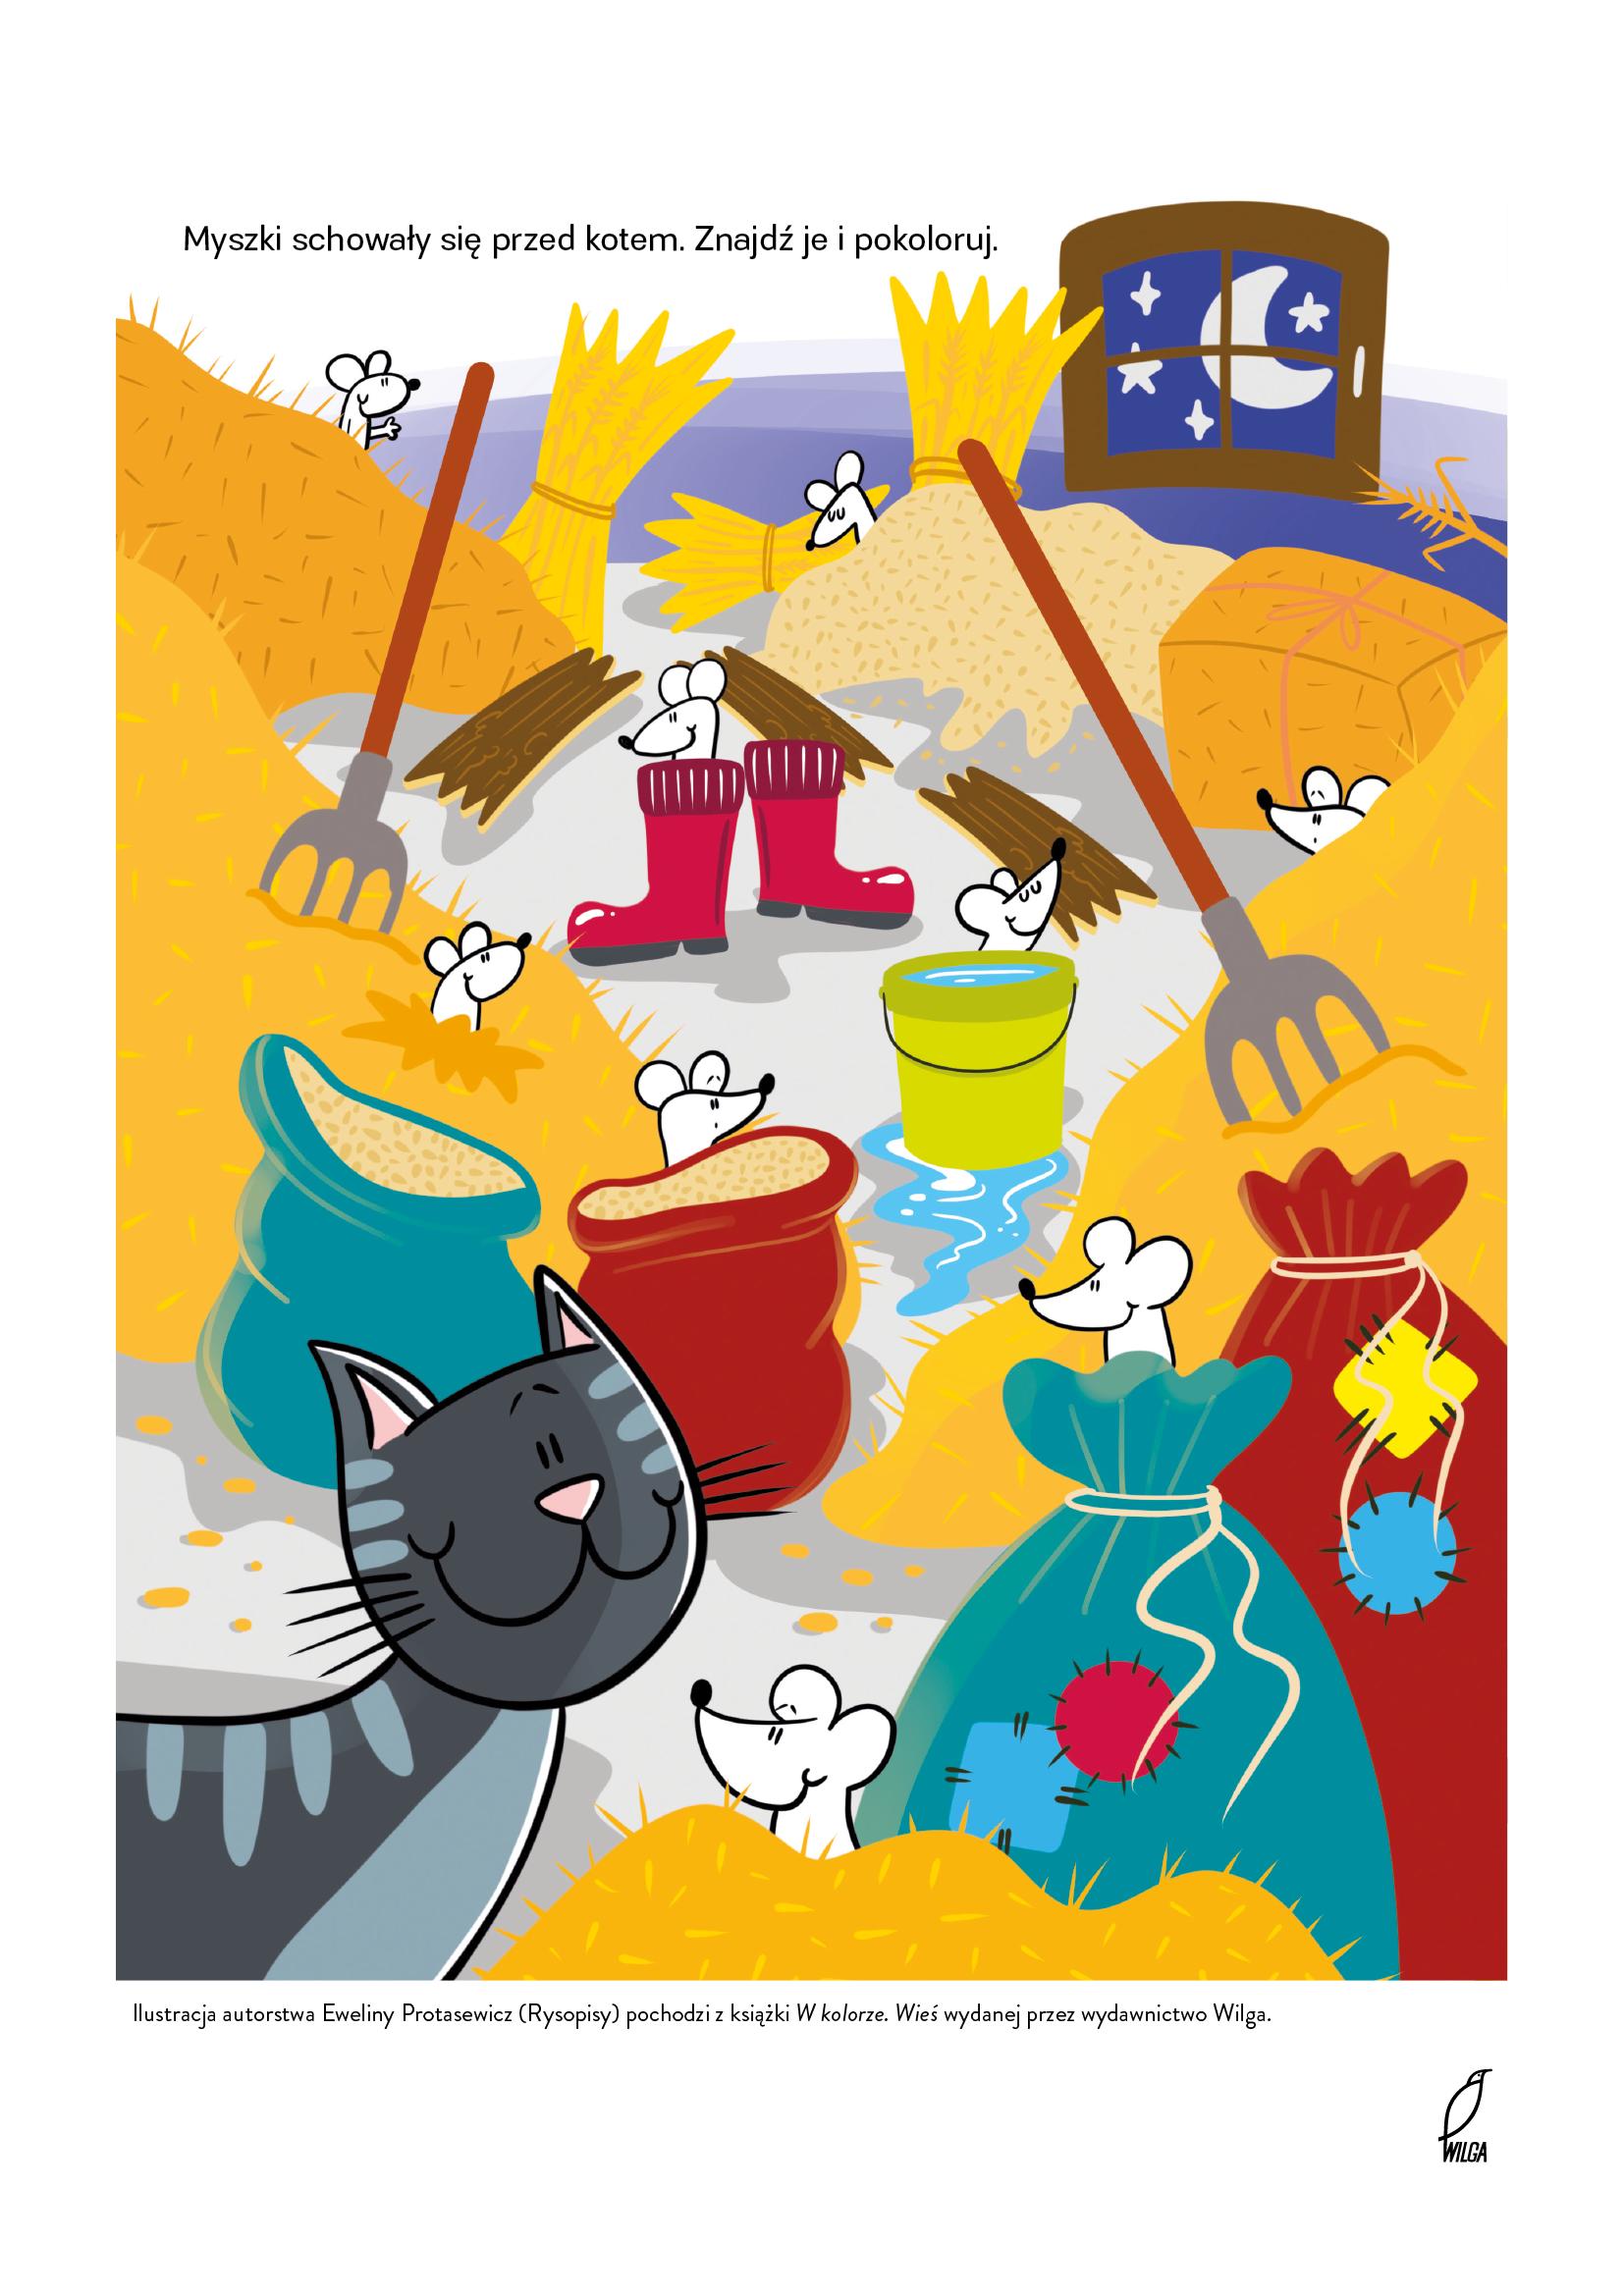 Znajdź myszki, zabawa edukacyjna do druku łamigłówki dla dzieci do pobrania